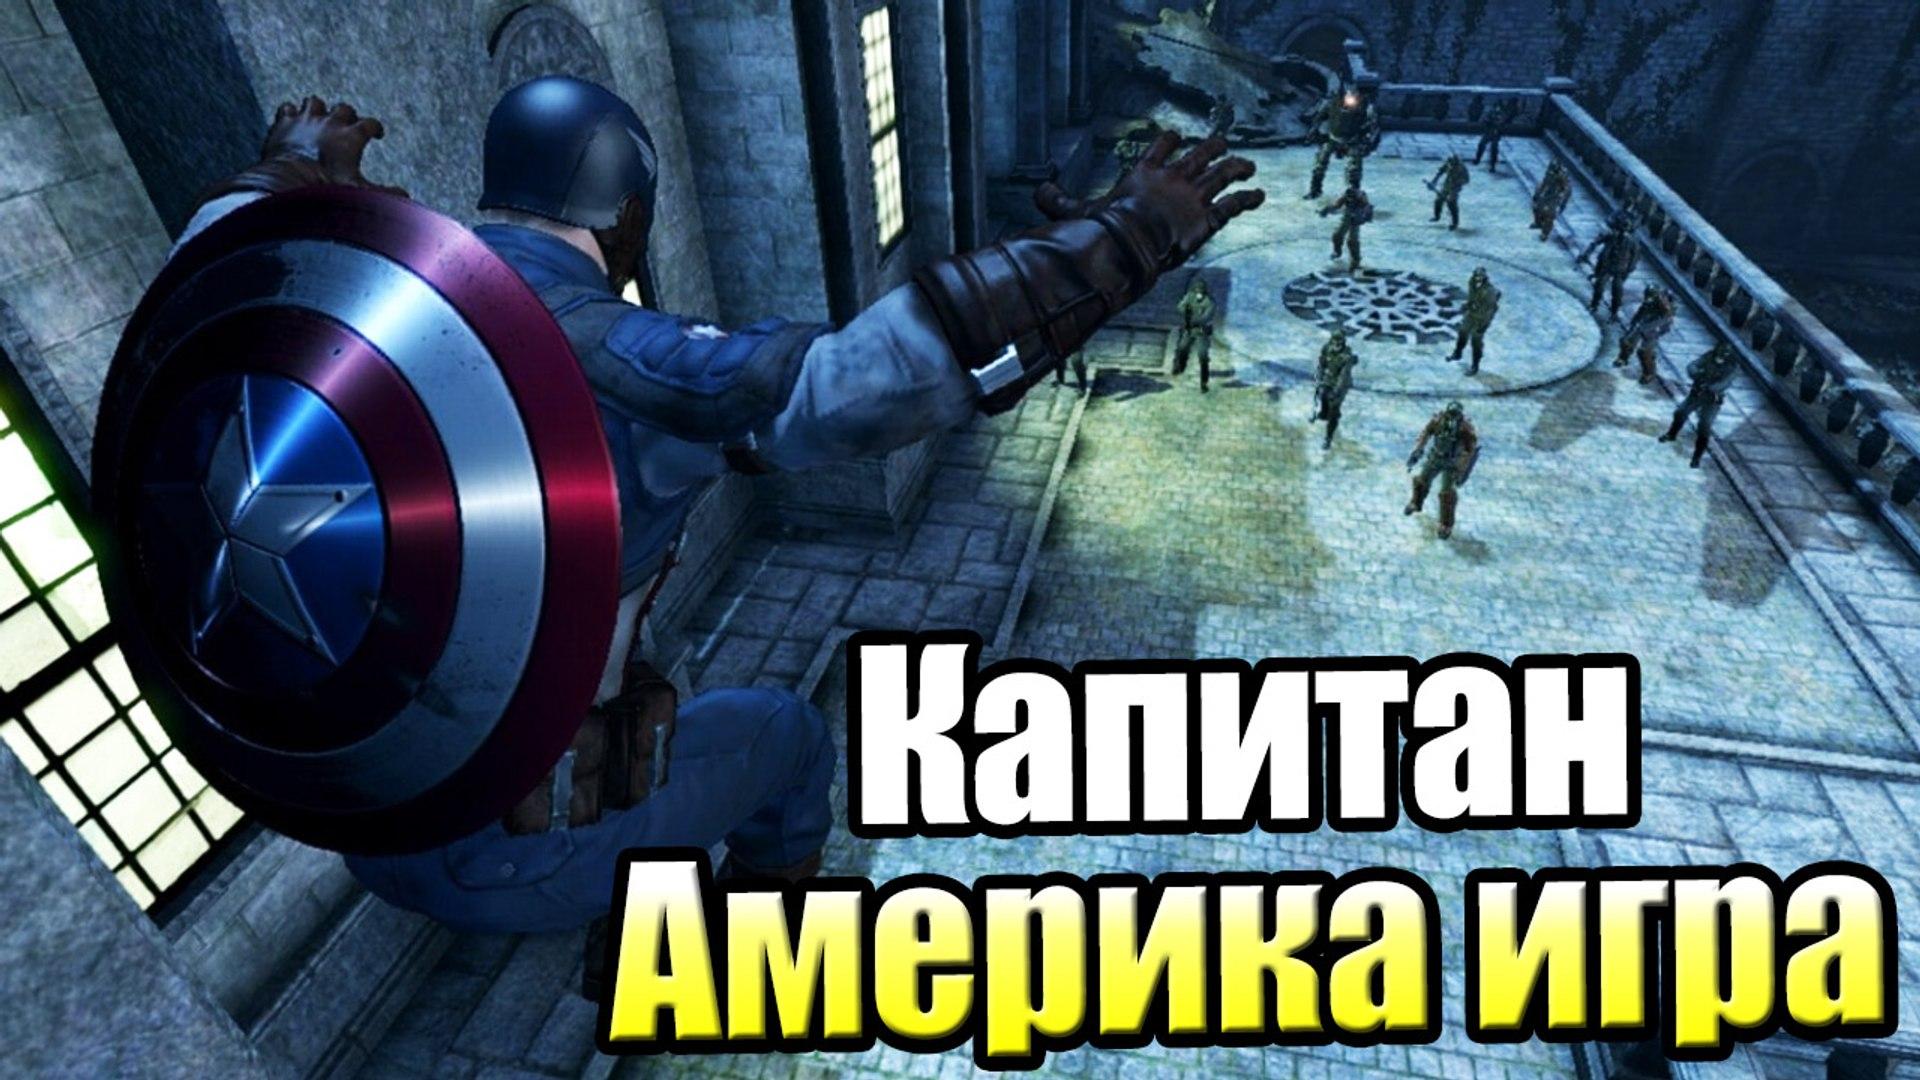 Капитан Америка Супер Солдат Игра #7 — Явление Красного Черепа {X360} прохождение часть 7